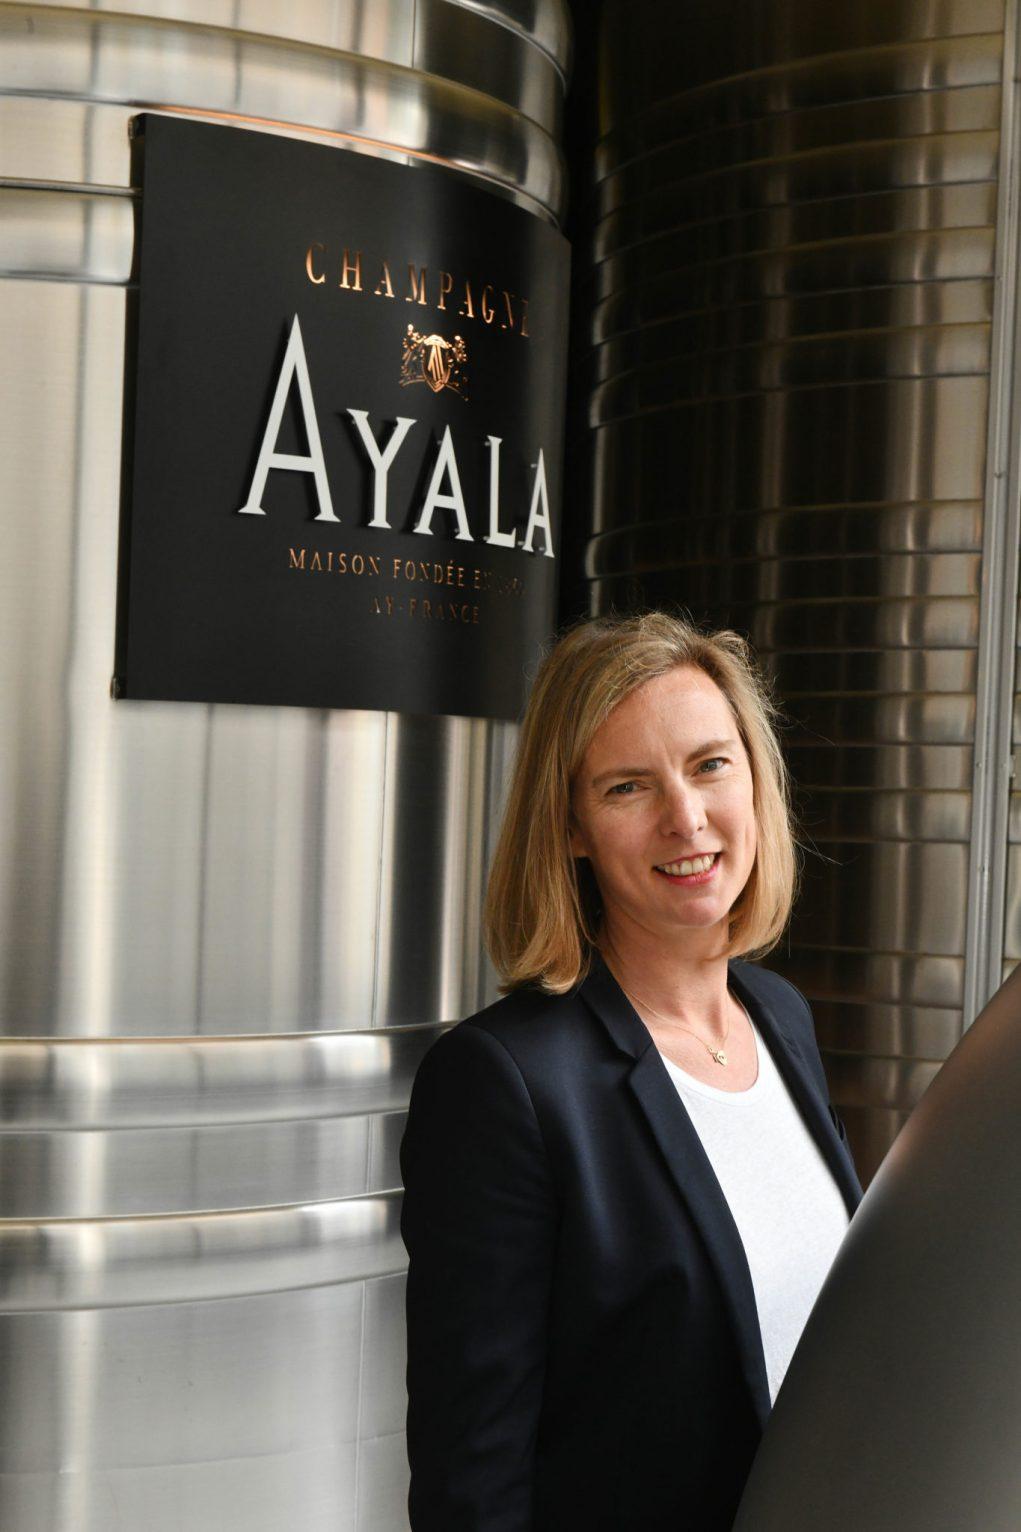 Caroline Latrive, chef de caves de la maison Ayala.